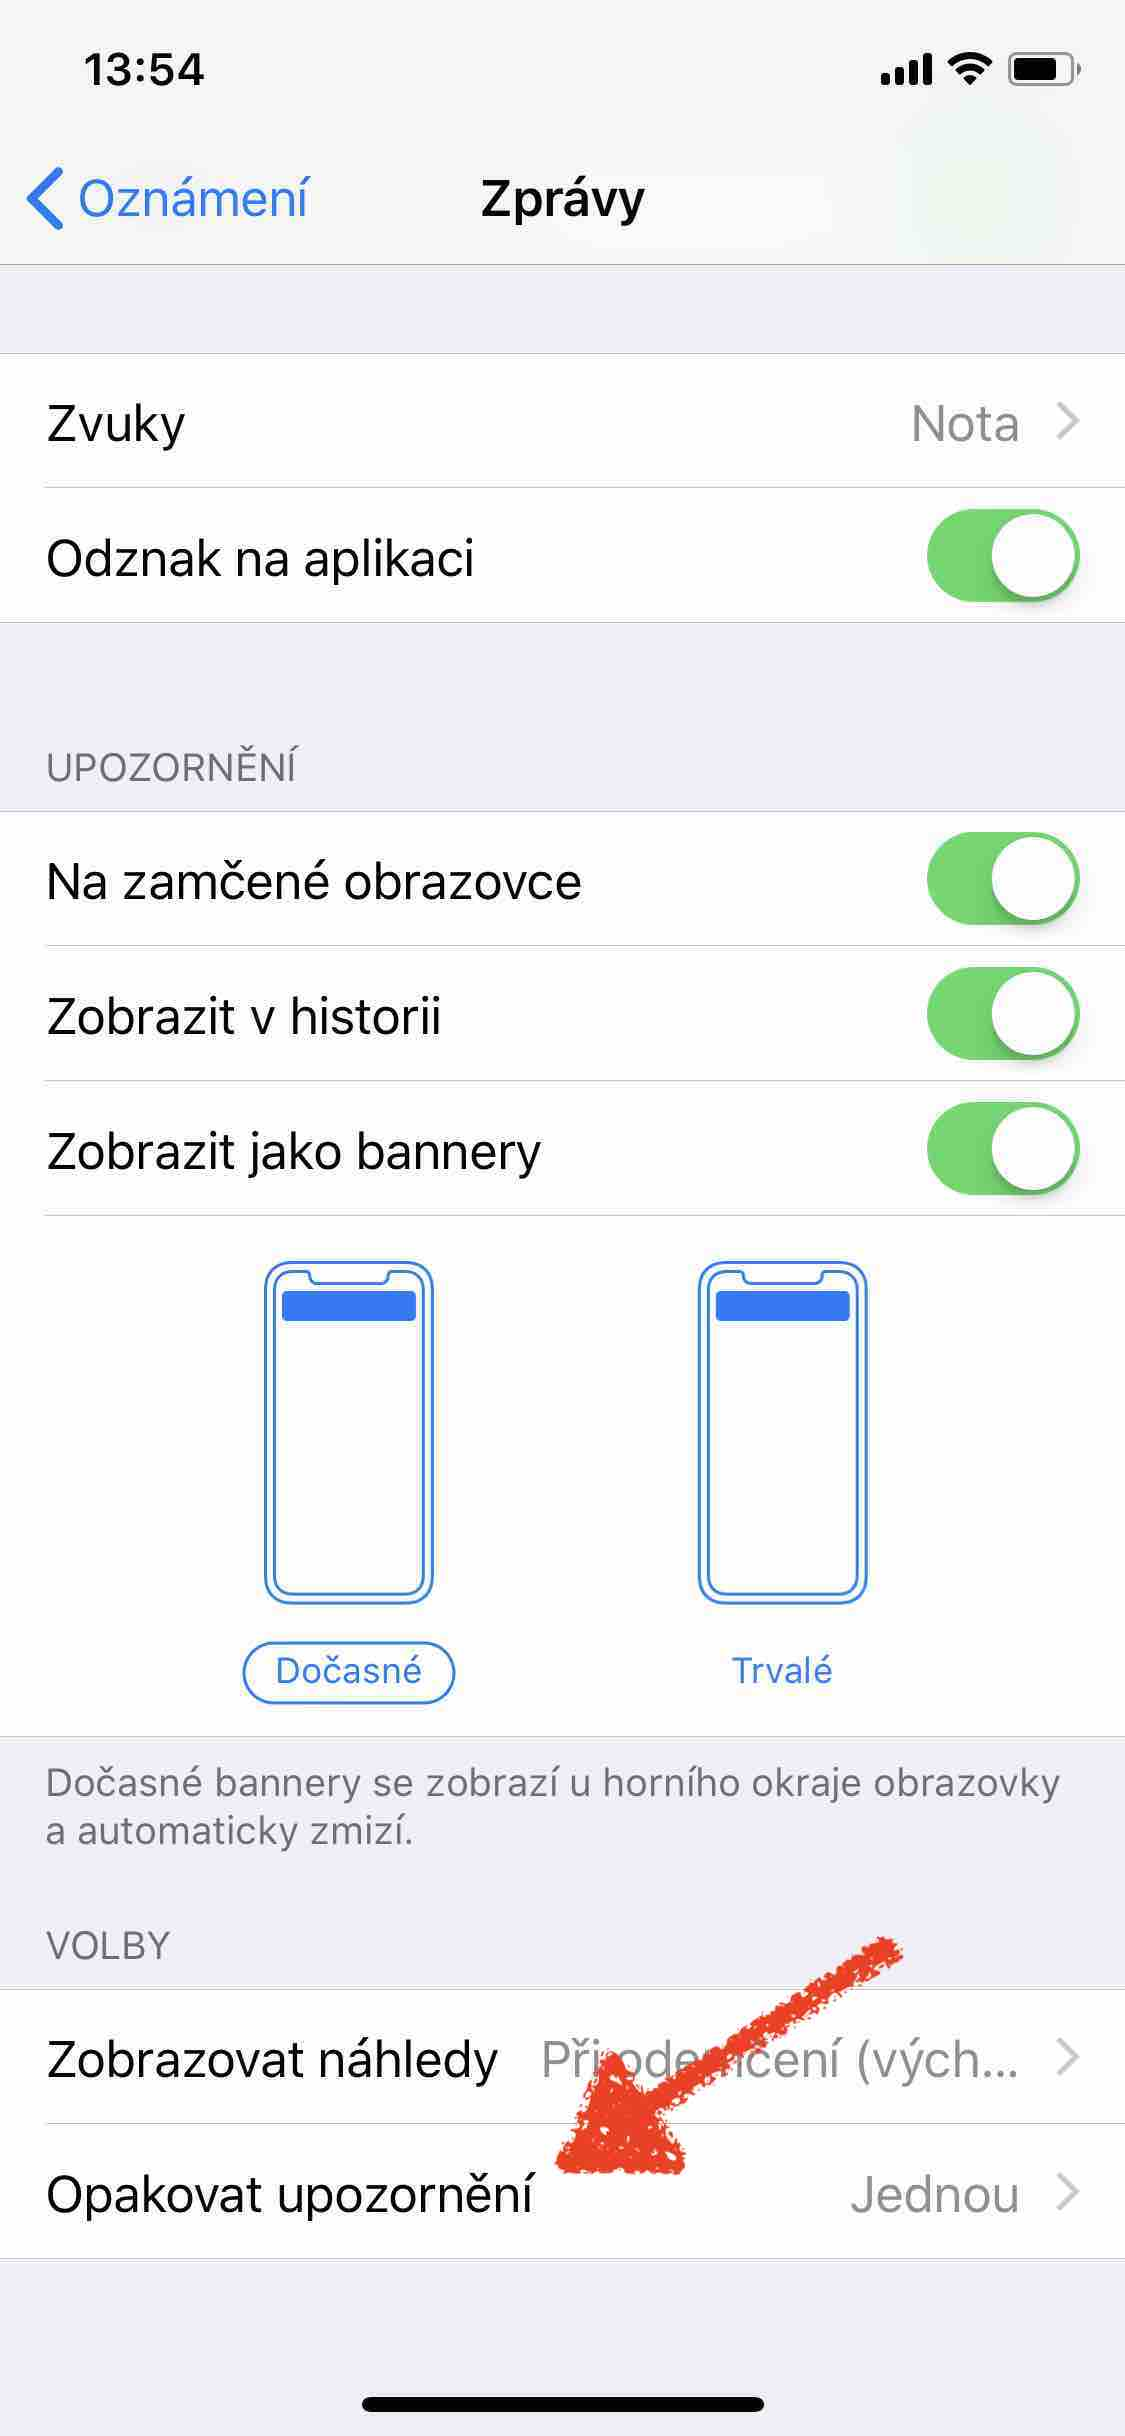 SMS oznameni jednou 2